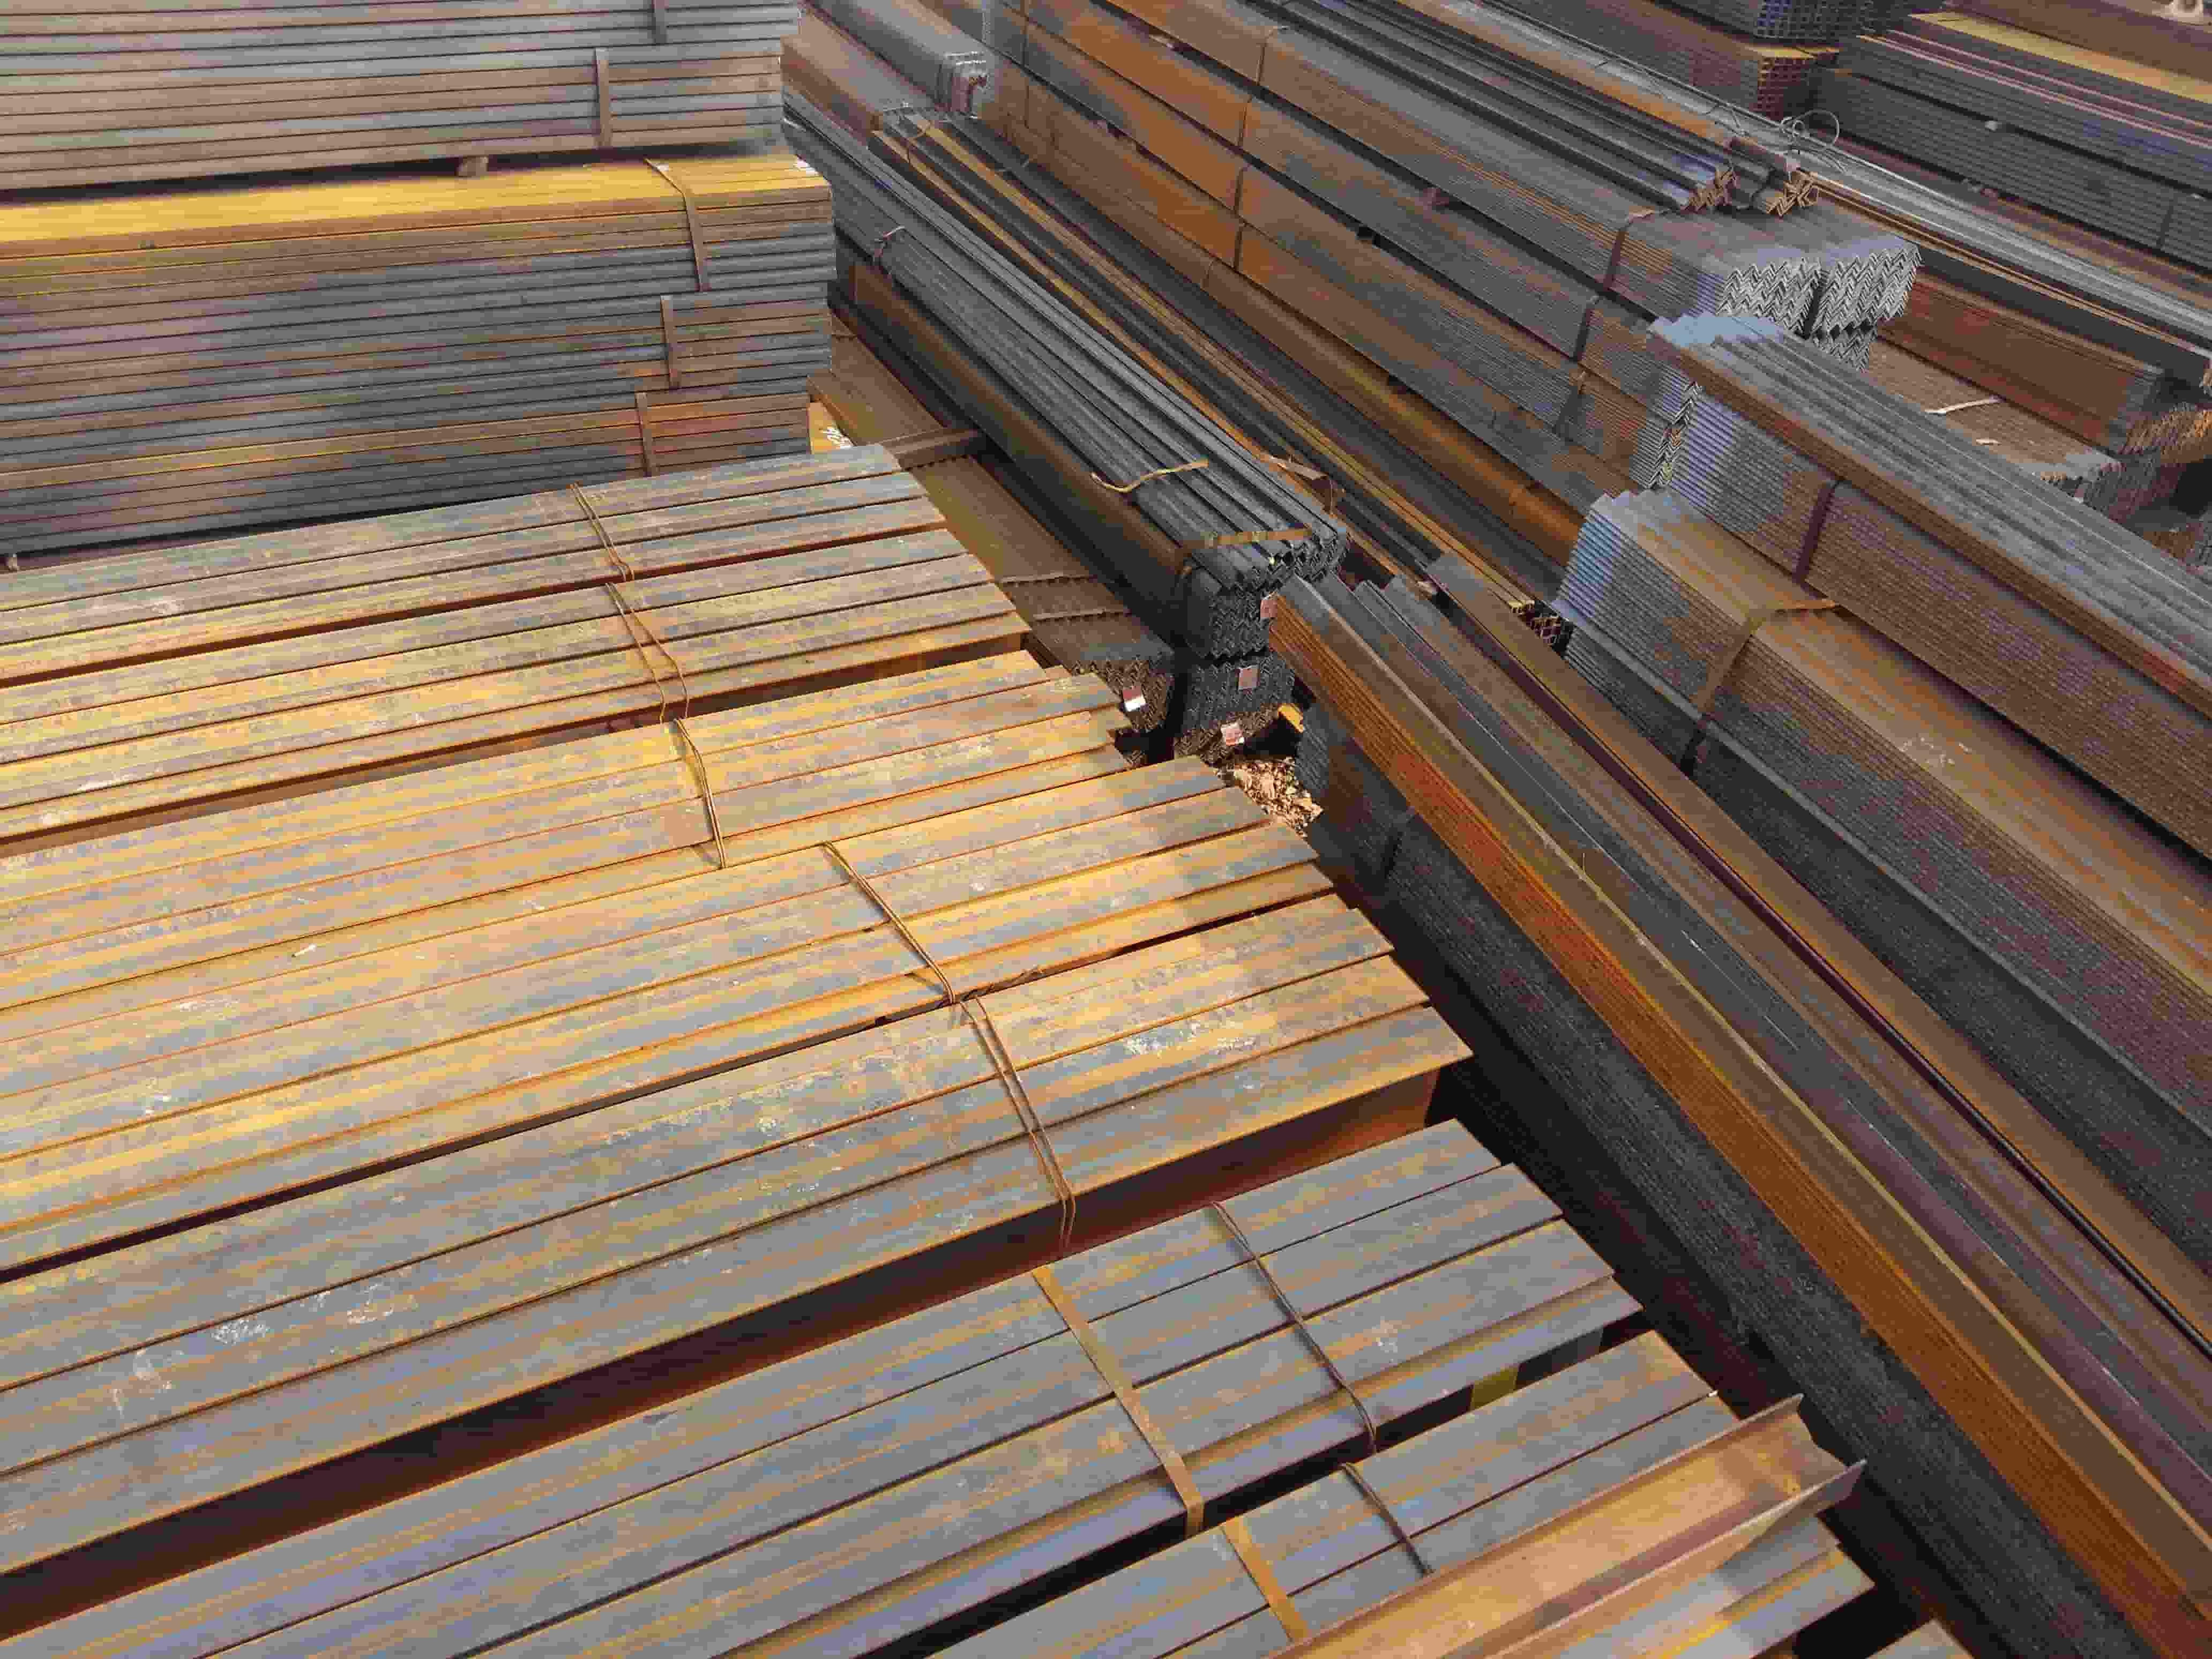 云南槽钢厂家直销13888426708 云南贸轩商贸供应